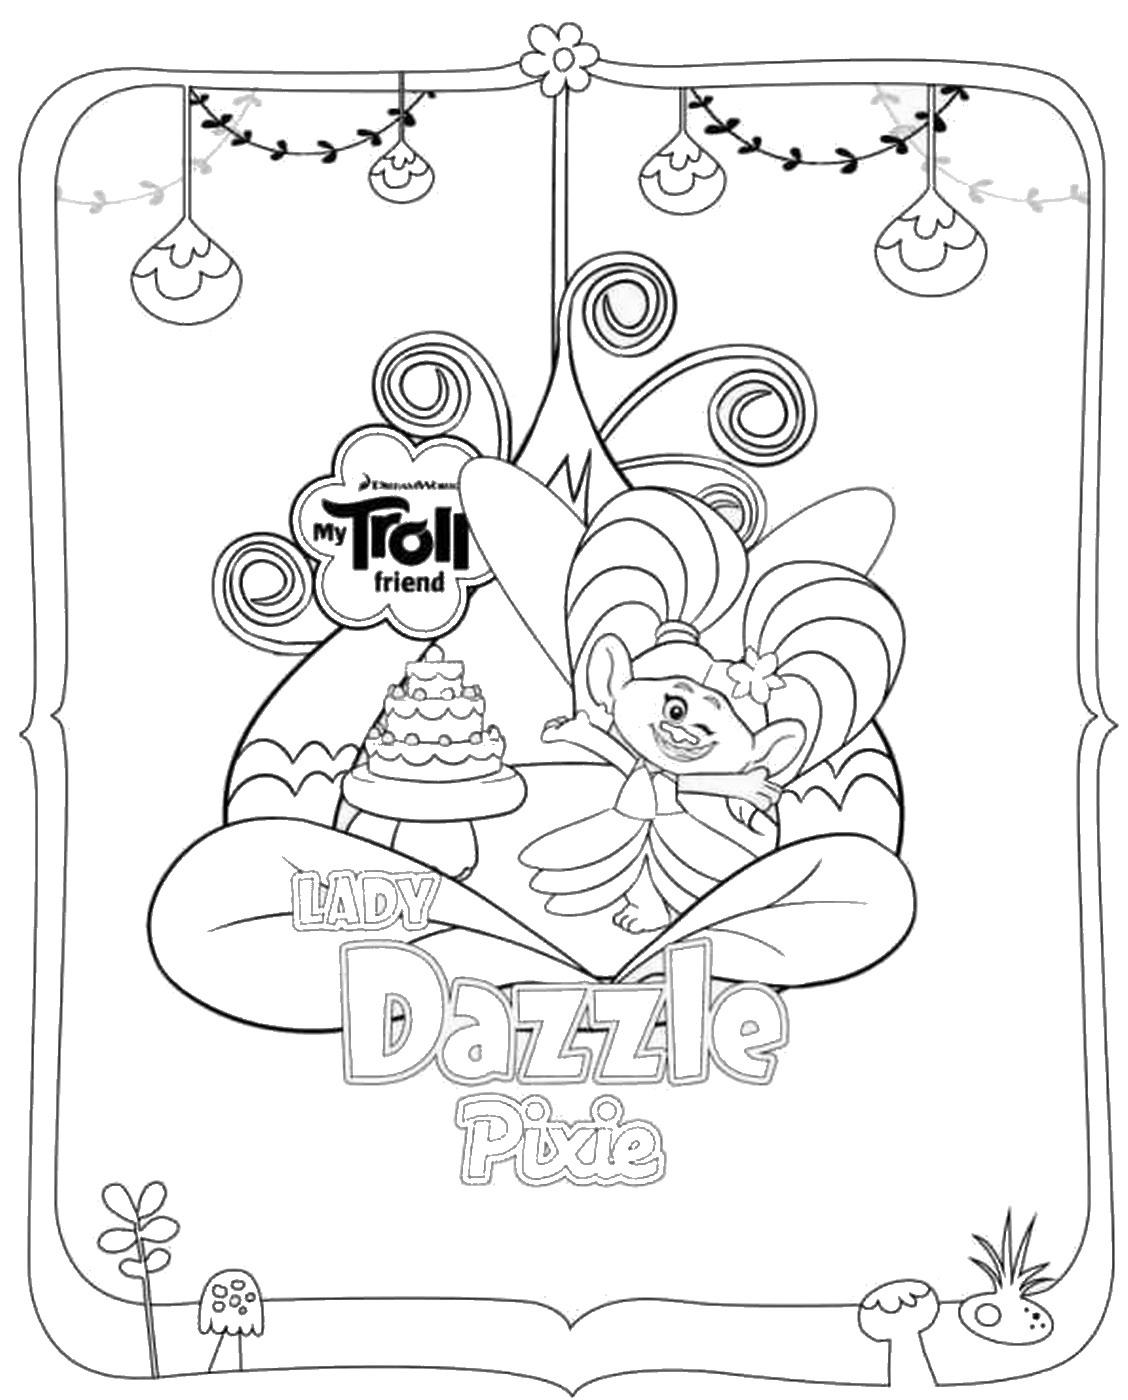 Les Trolls : Lady Dazzle Pixie